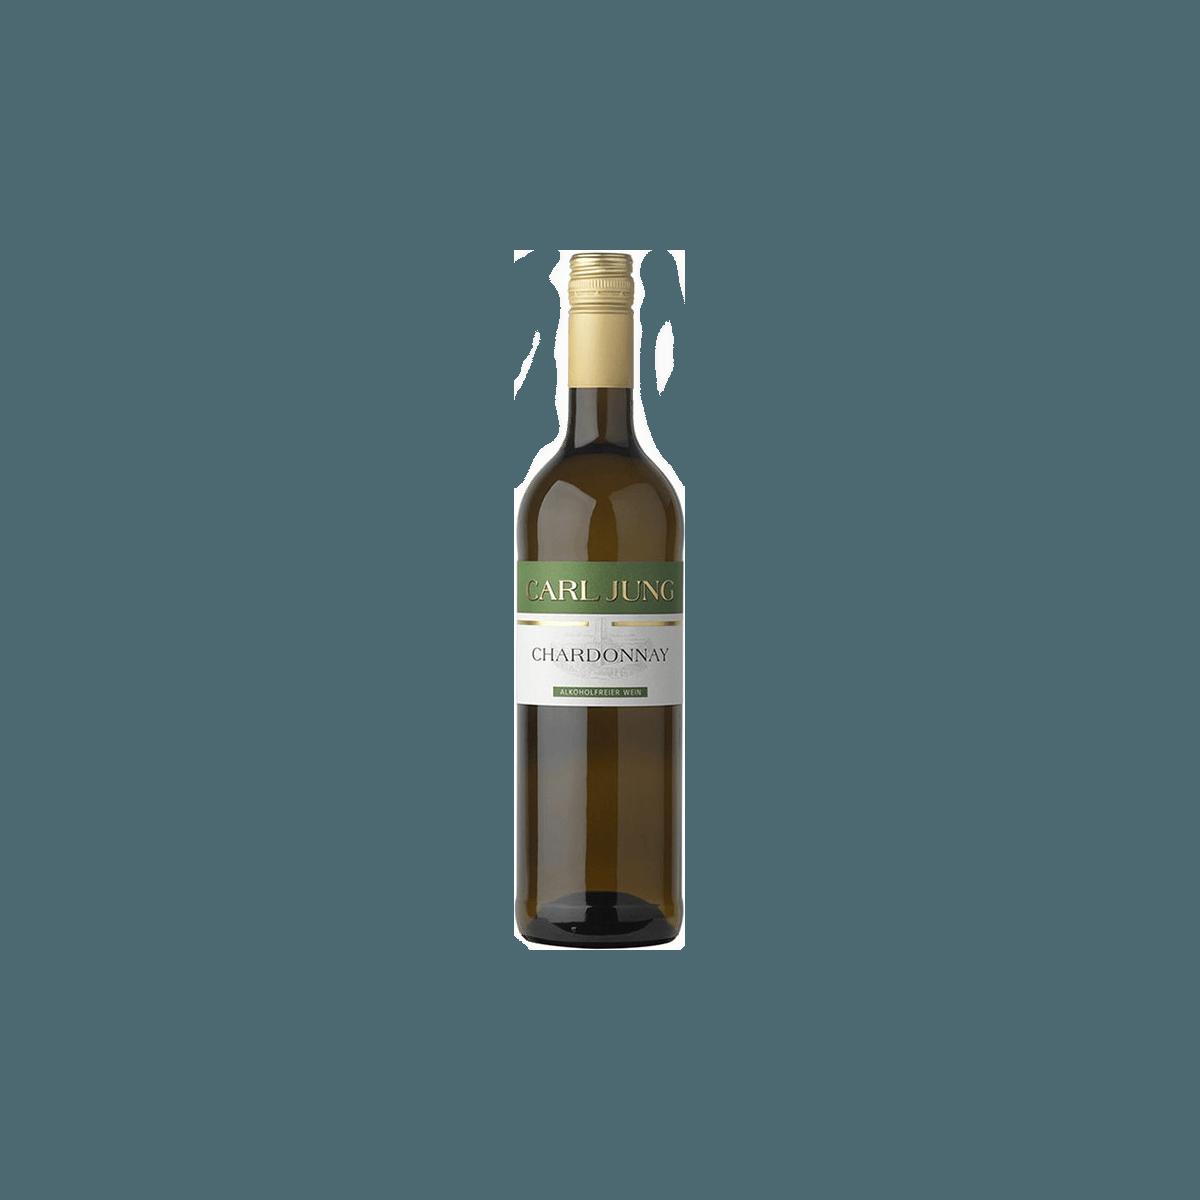 Carl Jung, Chardonnay, безалкогольное  вино, 0.75 л. (белое, сухое)